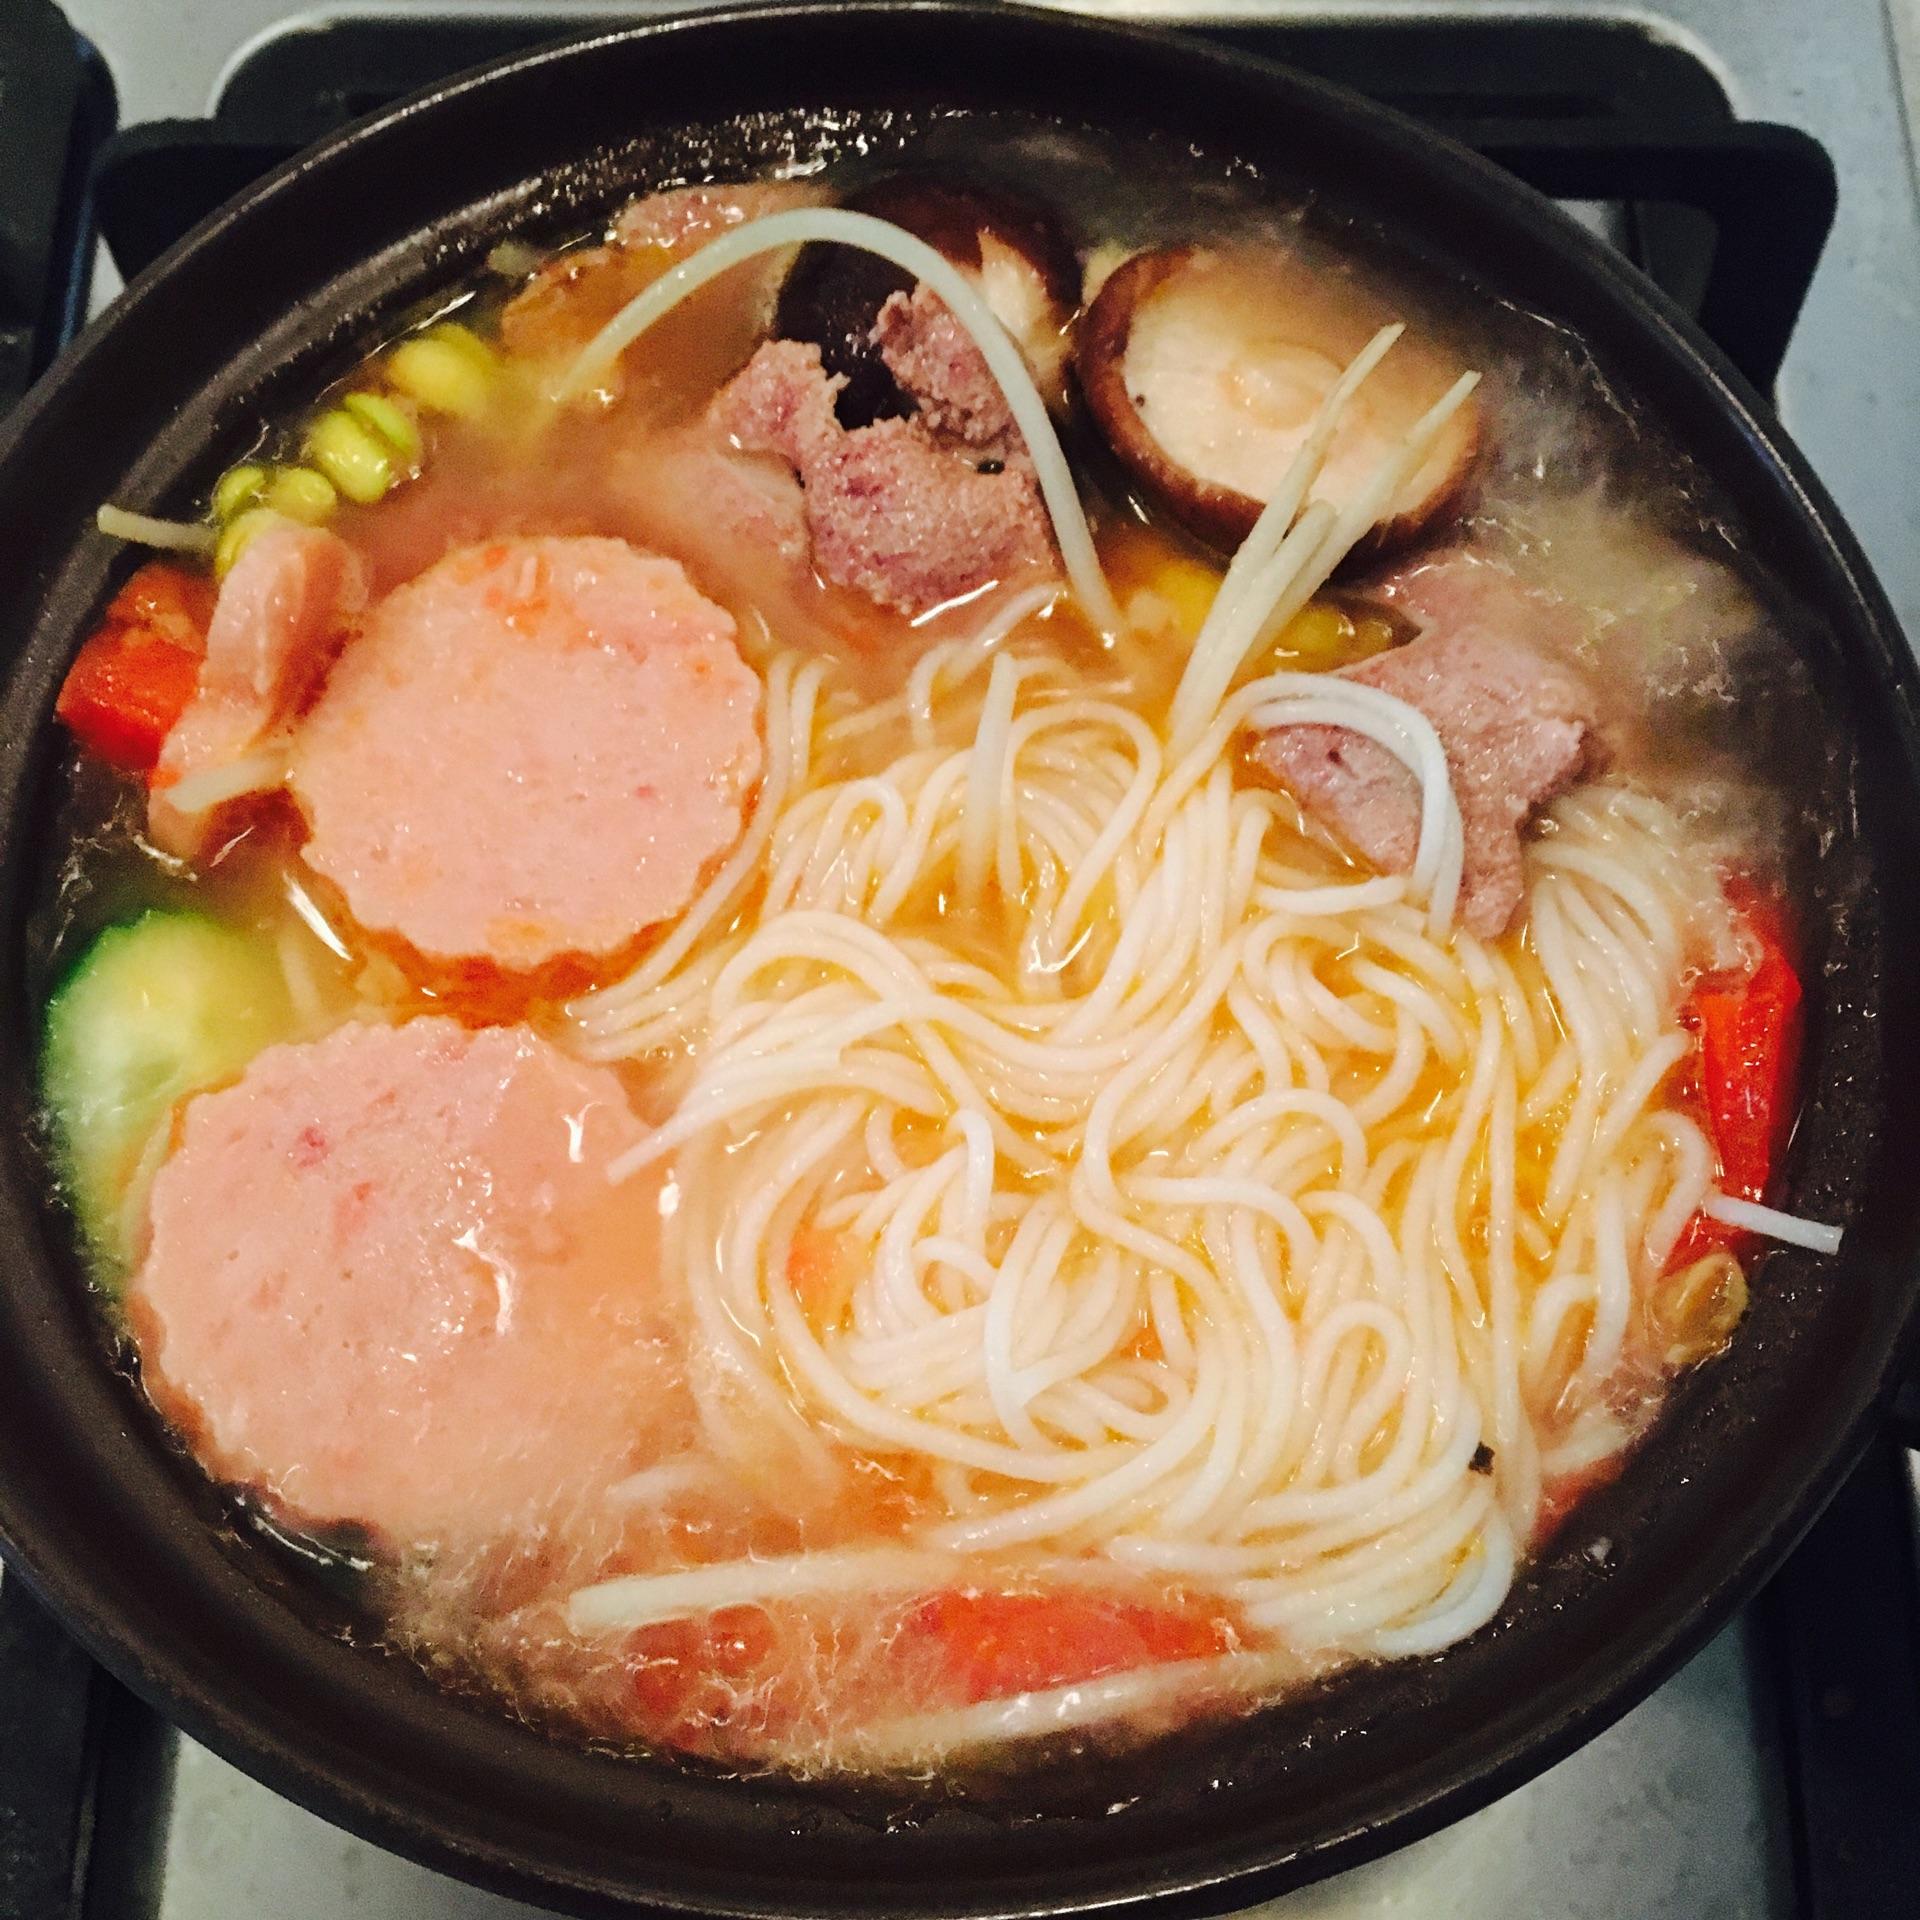 三鲜砂锅米线的做法步骤